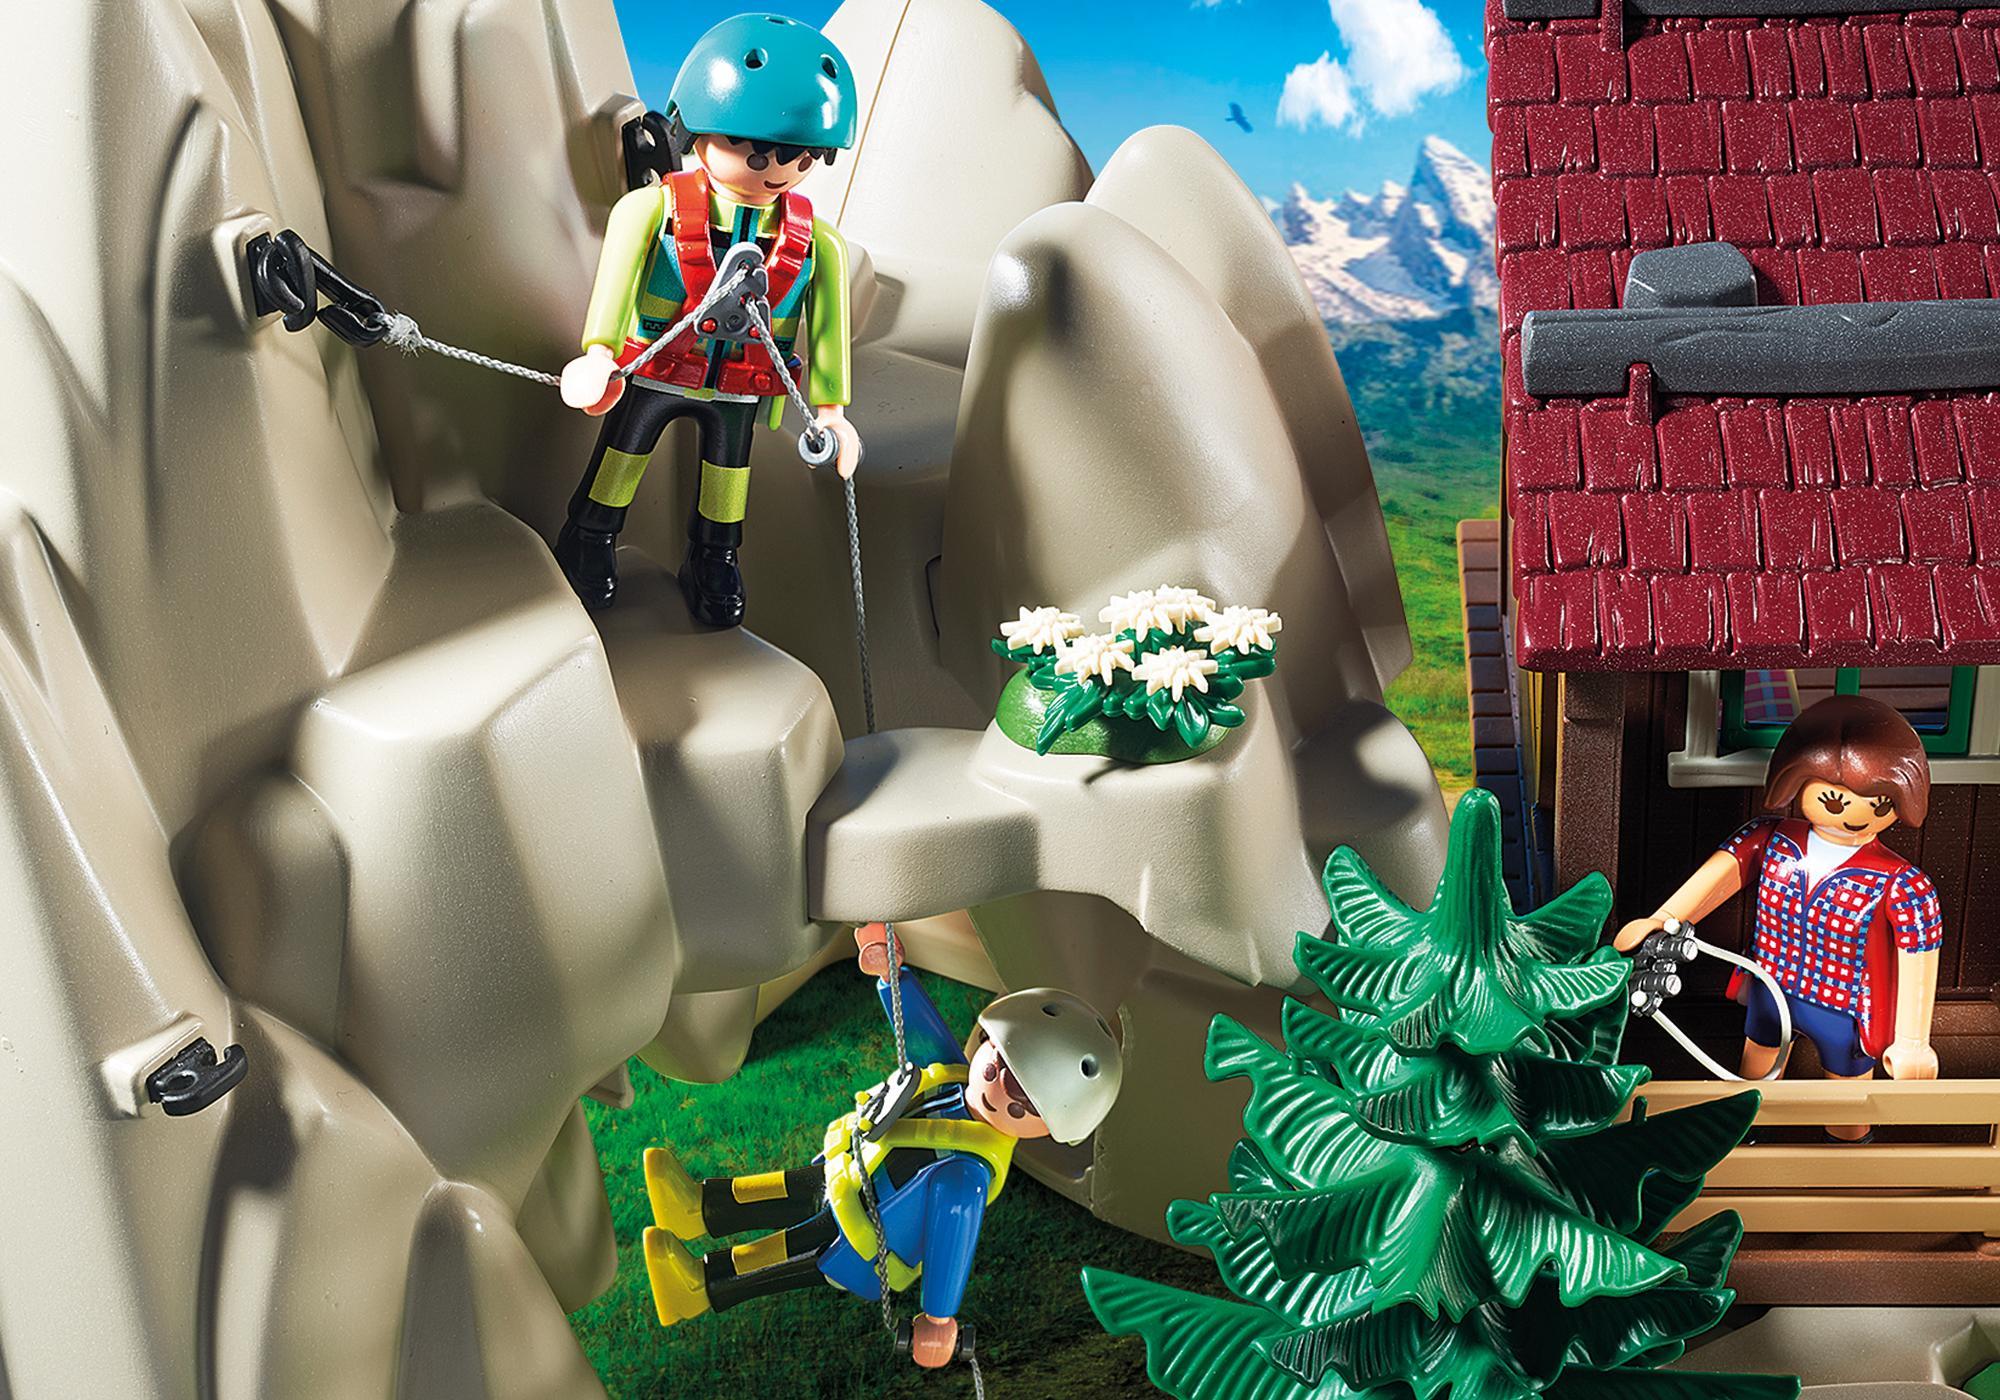 http://media.playmobil.com/i/playmobil/9126_product_extra3/Rocher d'escalade avec espace d'accueil